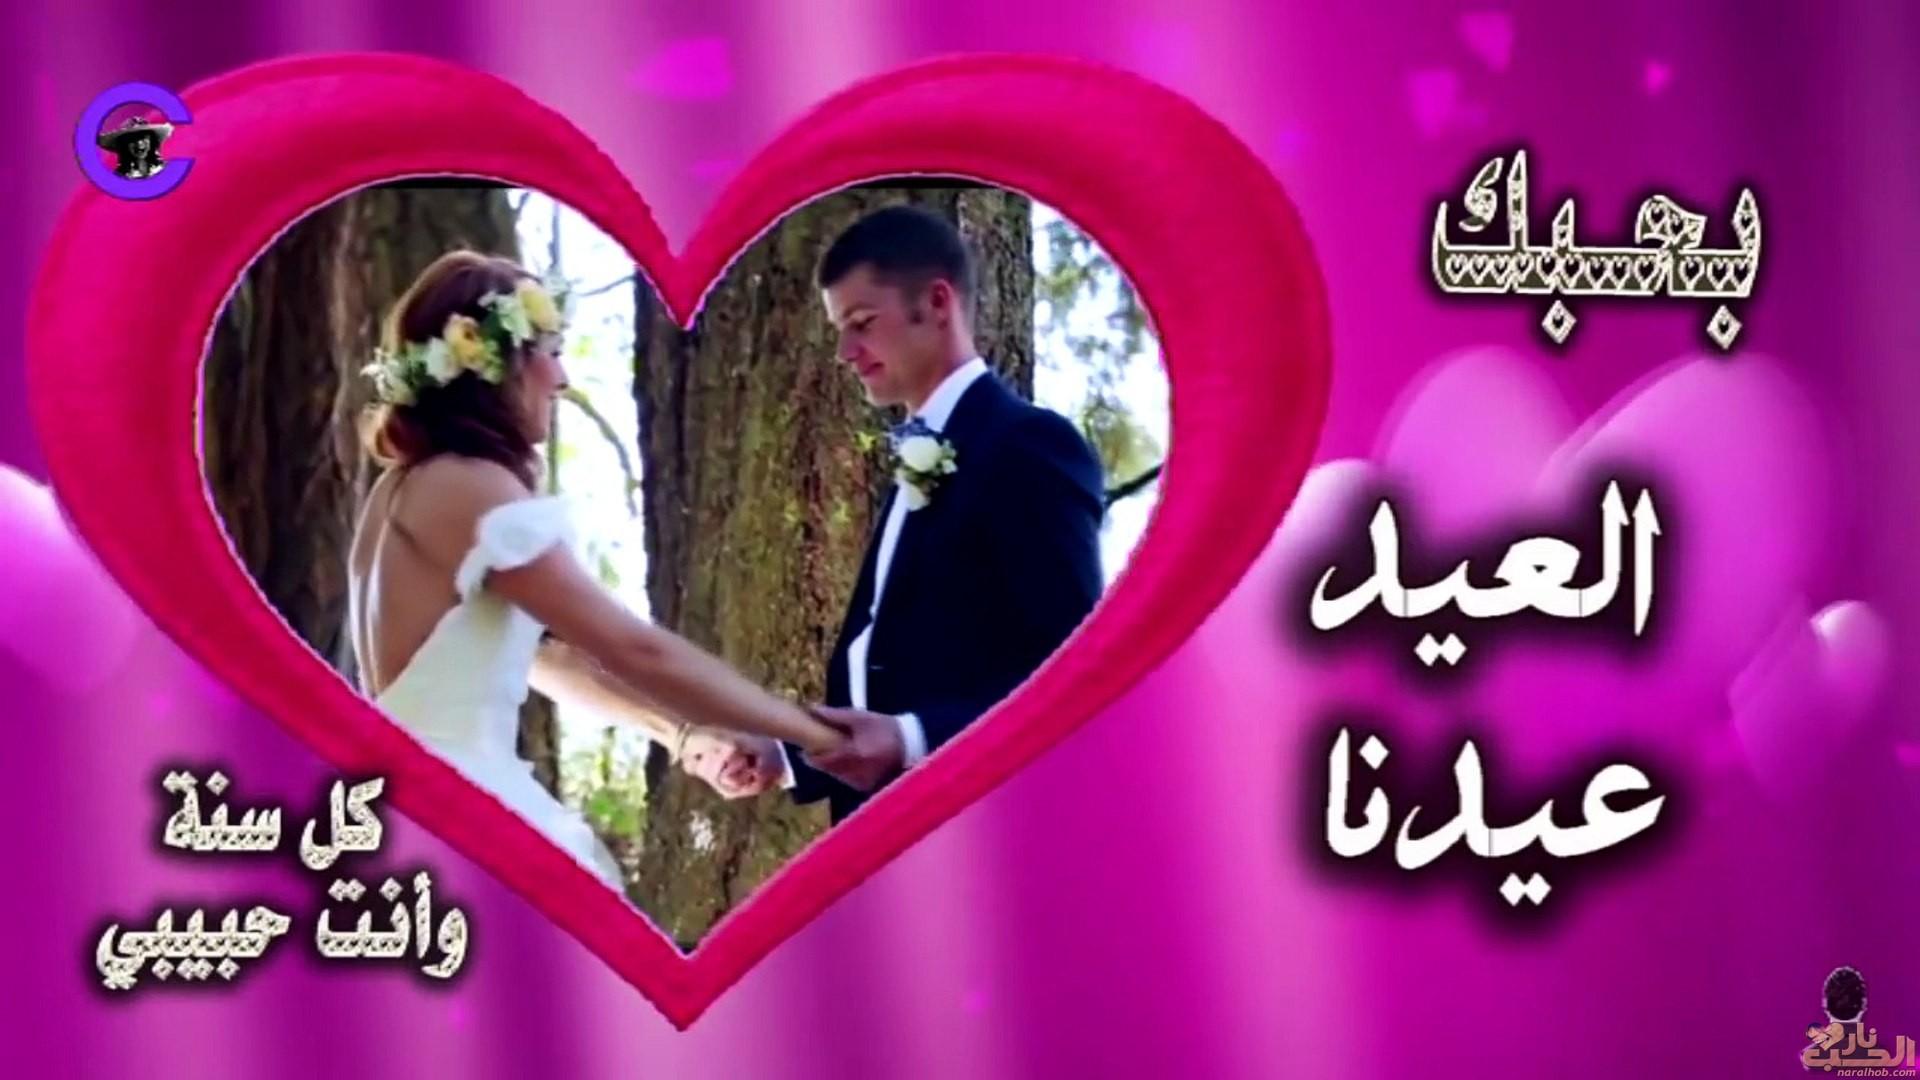 تهنئه العيد للزوج اجمل 9